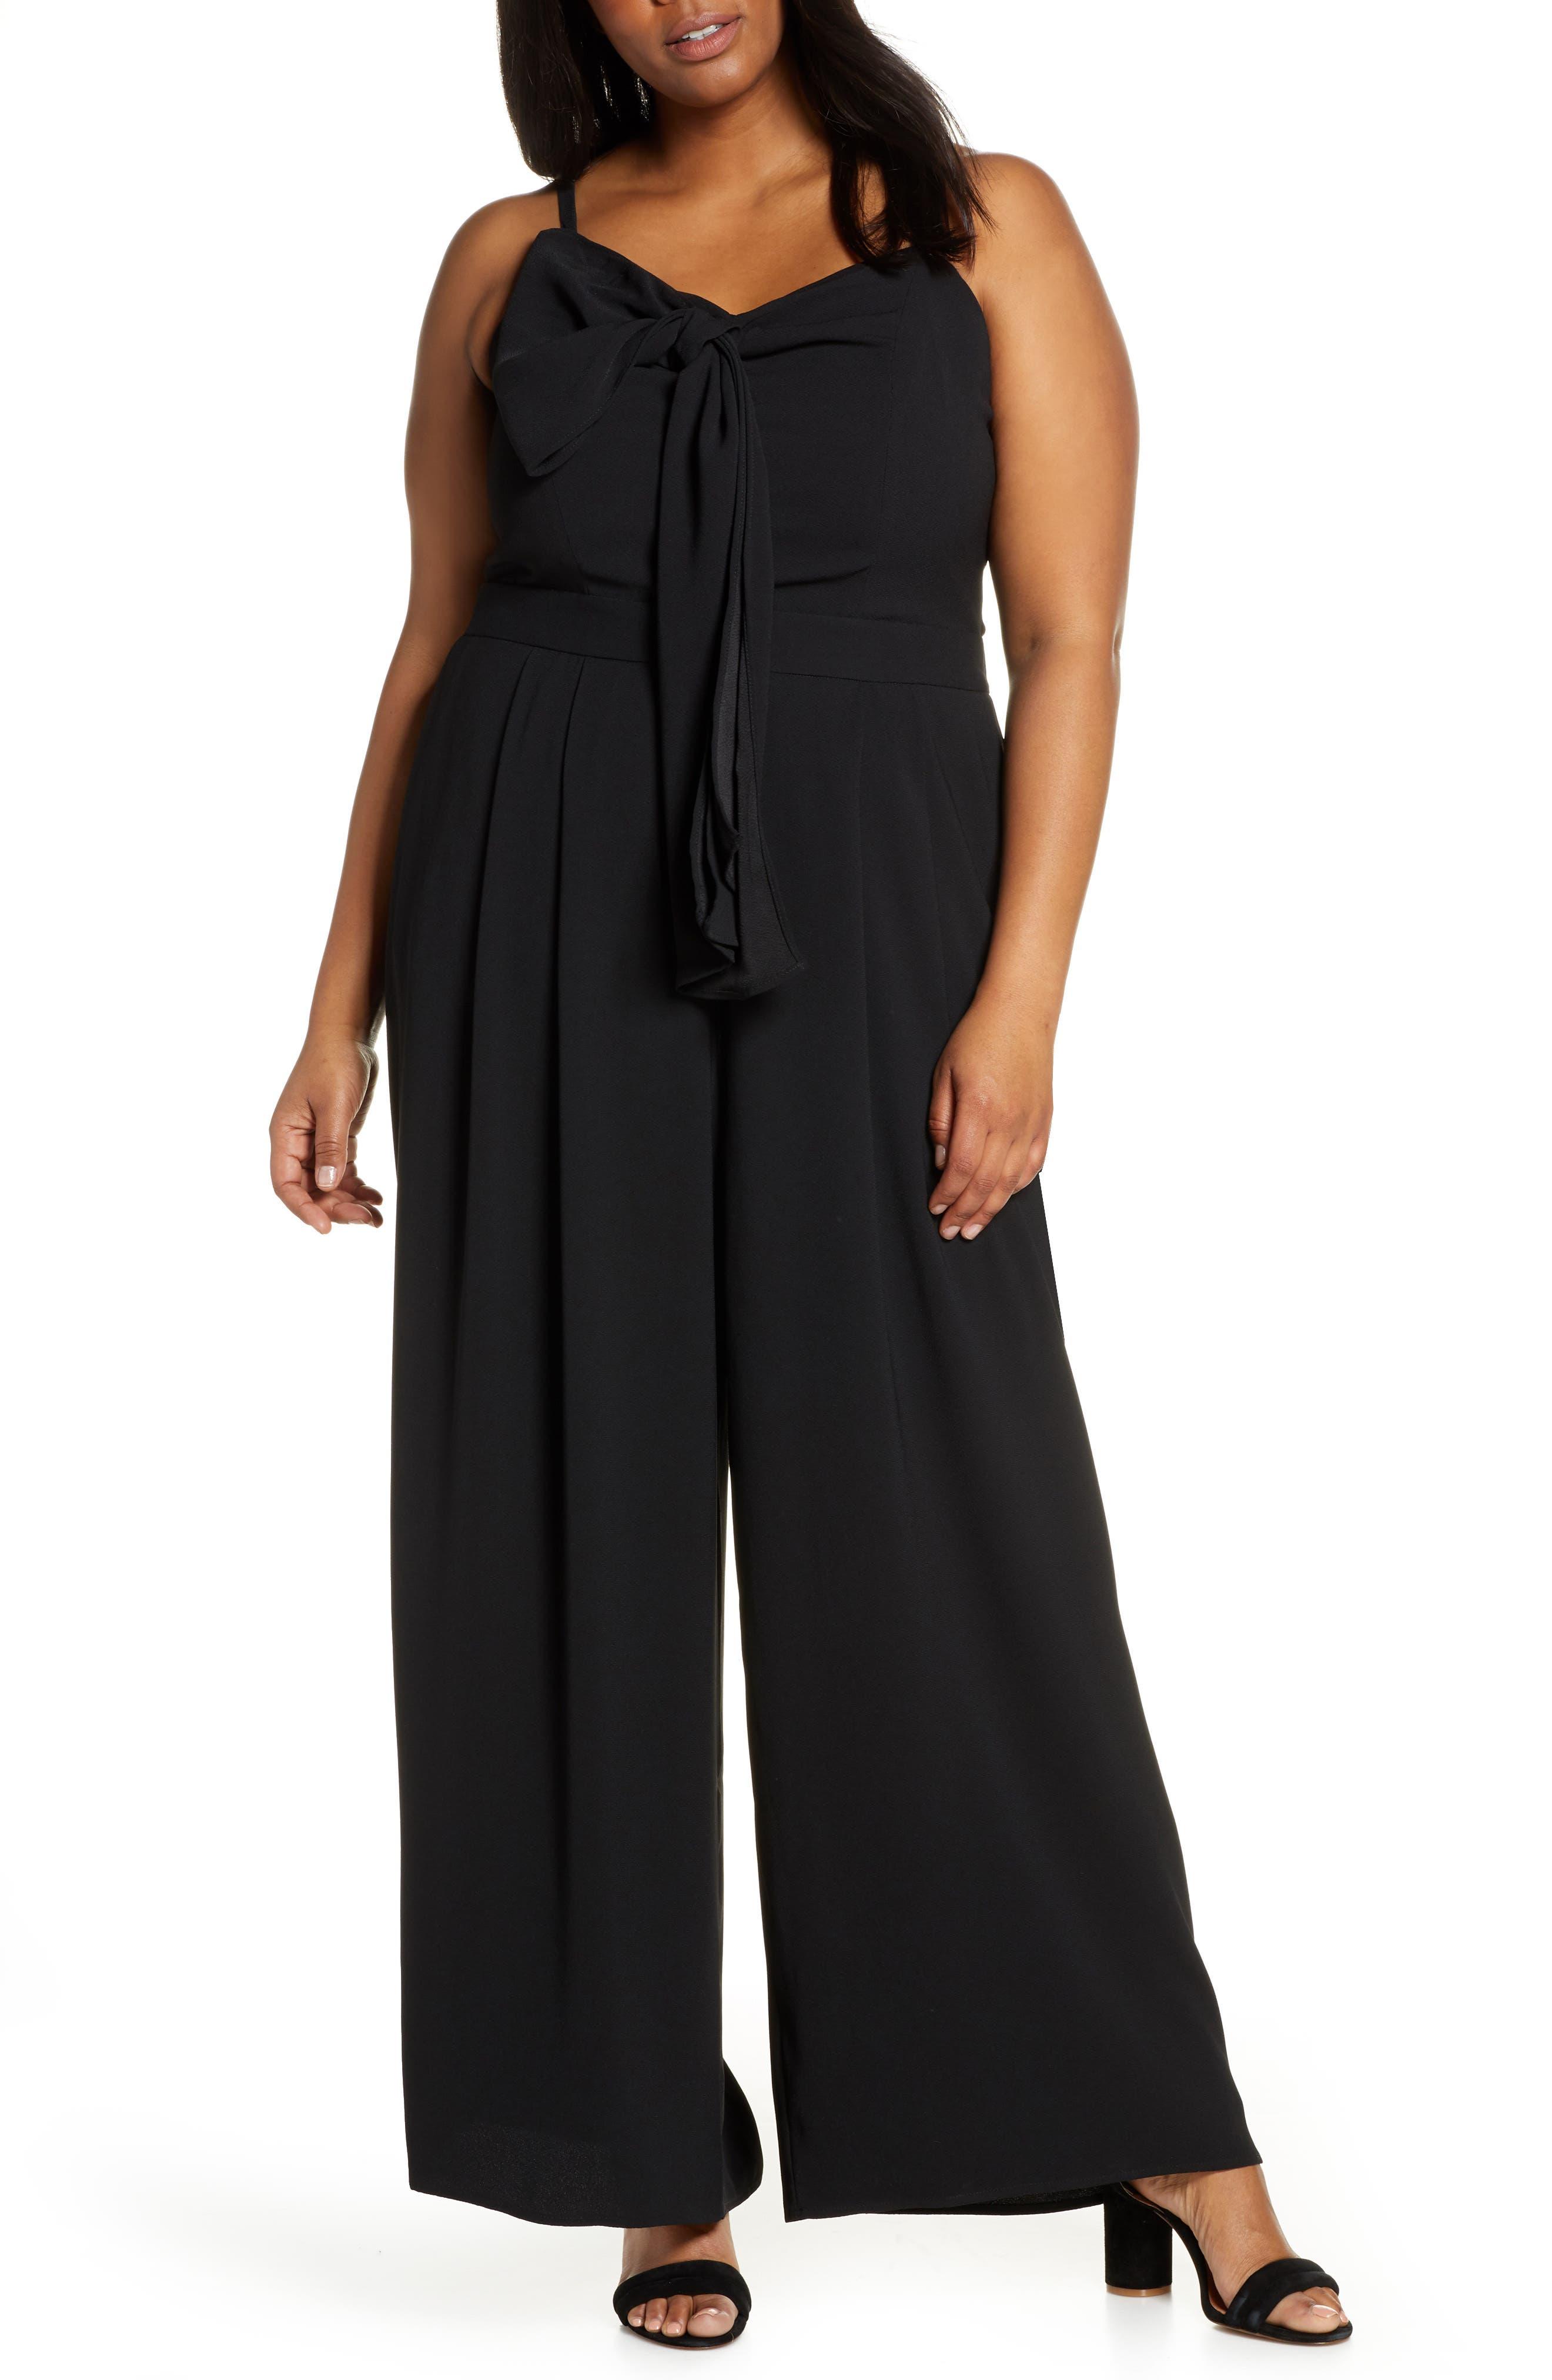 70s Jumpsuit   Disco Jumpsuits – Sequin, Striped, Gold, White, Black Plus Size Womens Eloquii Tie Front Wide Leg Jumpsuit Size 26W - Black $71.96 AT vintagedancer.com